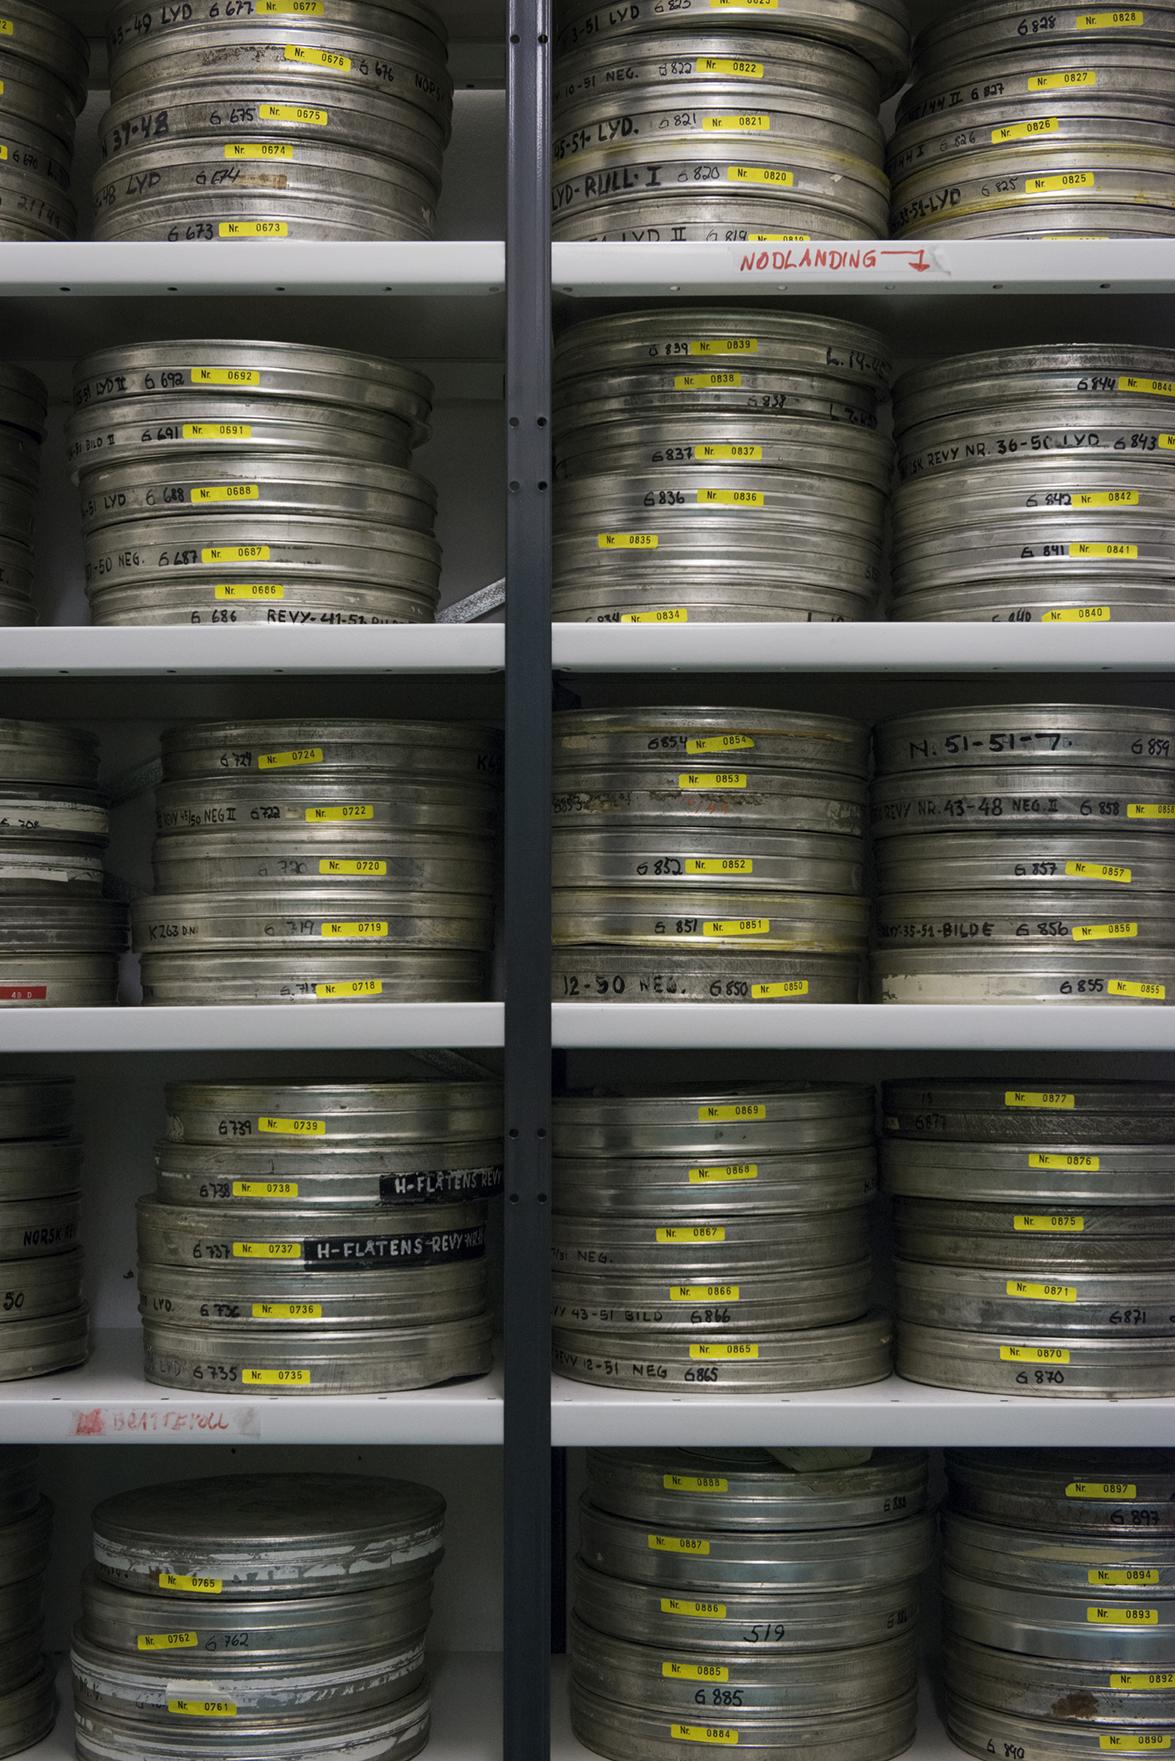 Nitratfilm